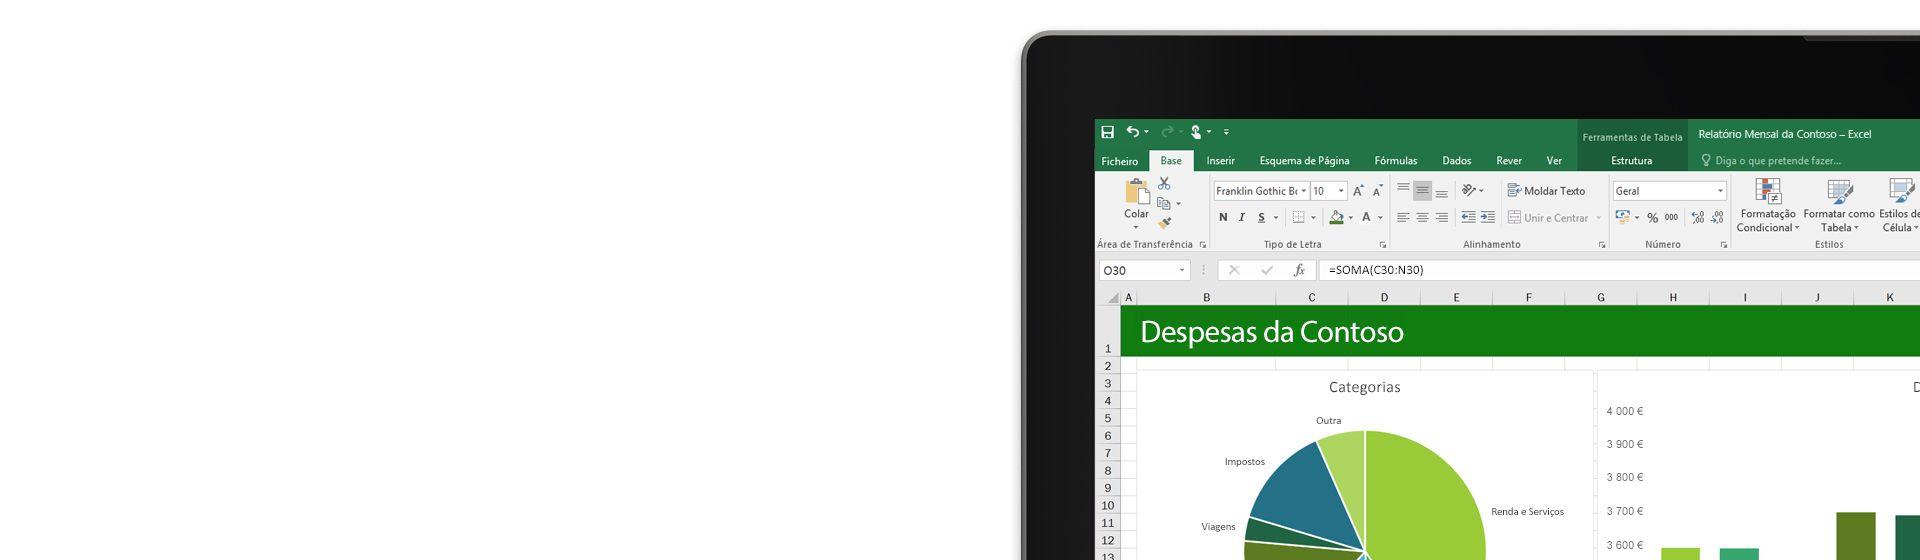 Um portátil a mostrar uma folha de cálculo do Microsoft Excel com um gráfico.